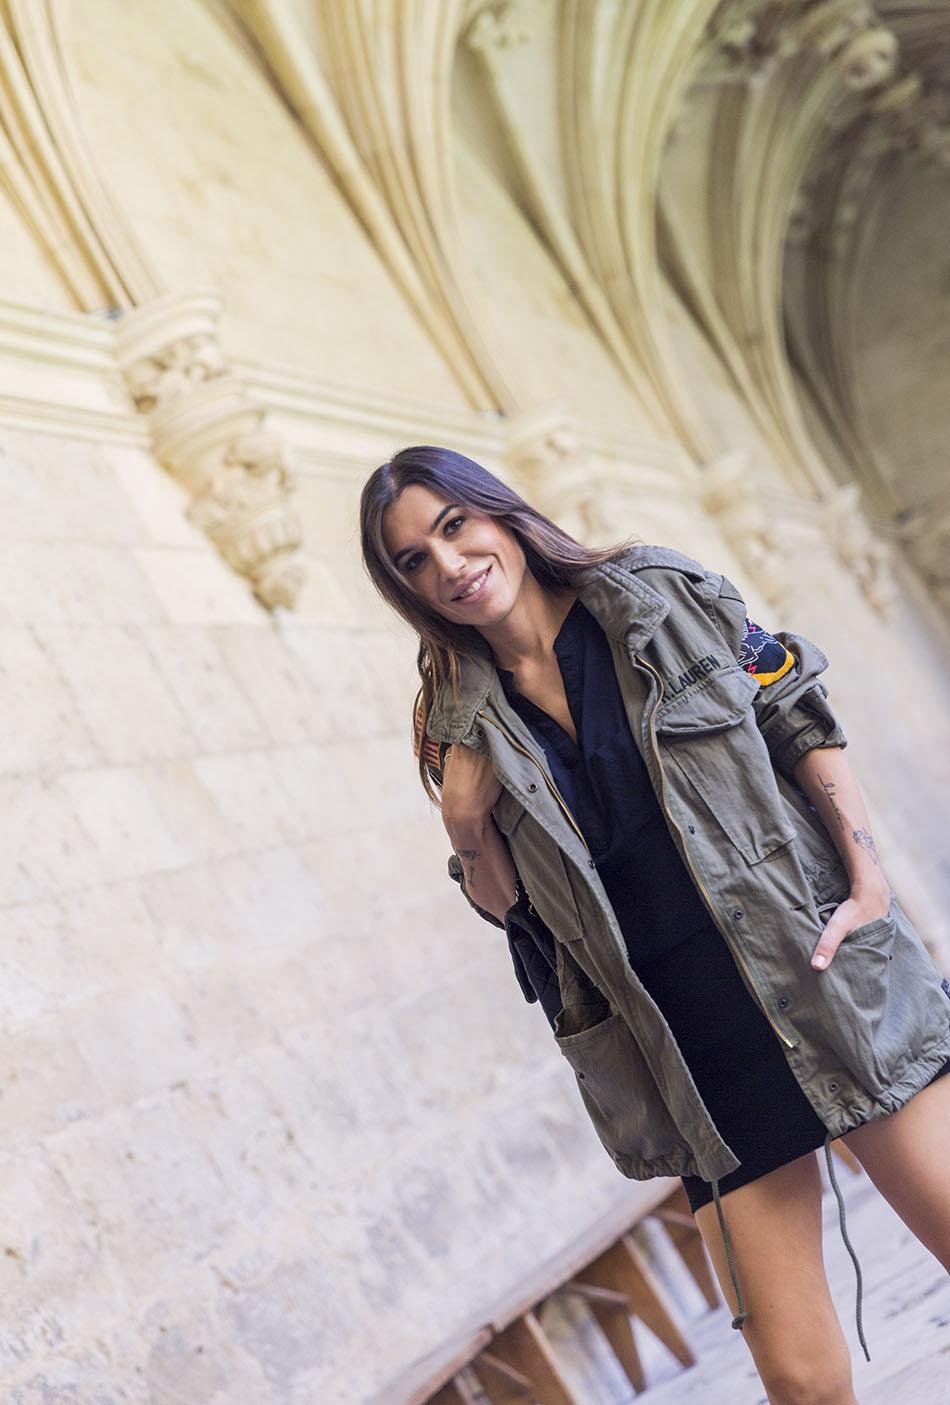 look de street style con parka de estilo militar de Ralph Lauren, blusa sin mangas y mini falda negra, con botines plateados de Hakei. bolso de chanel